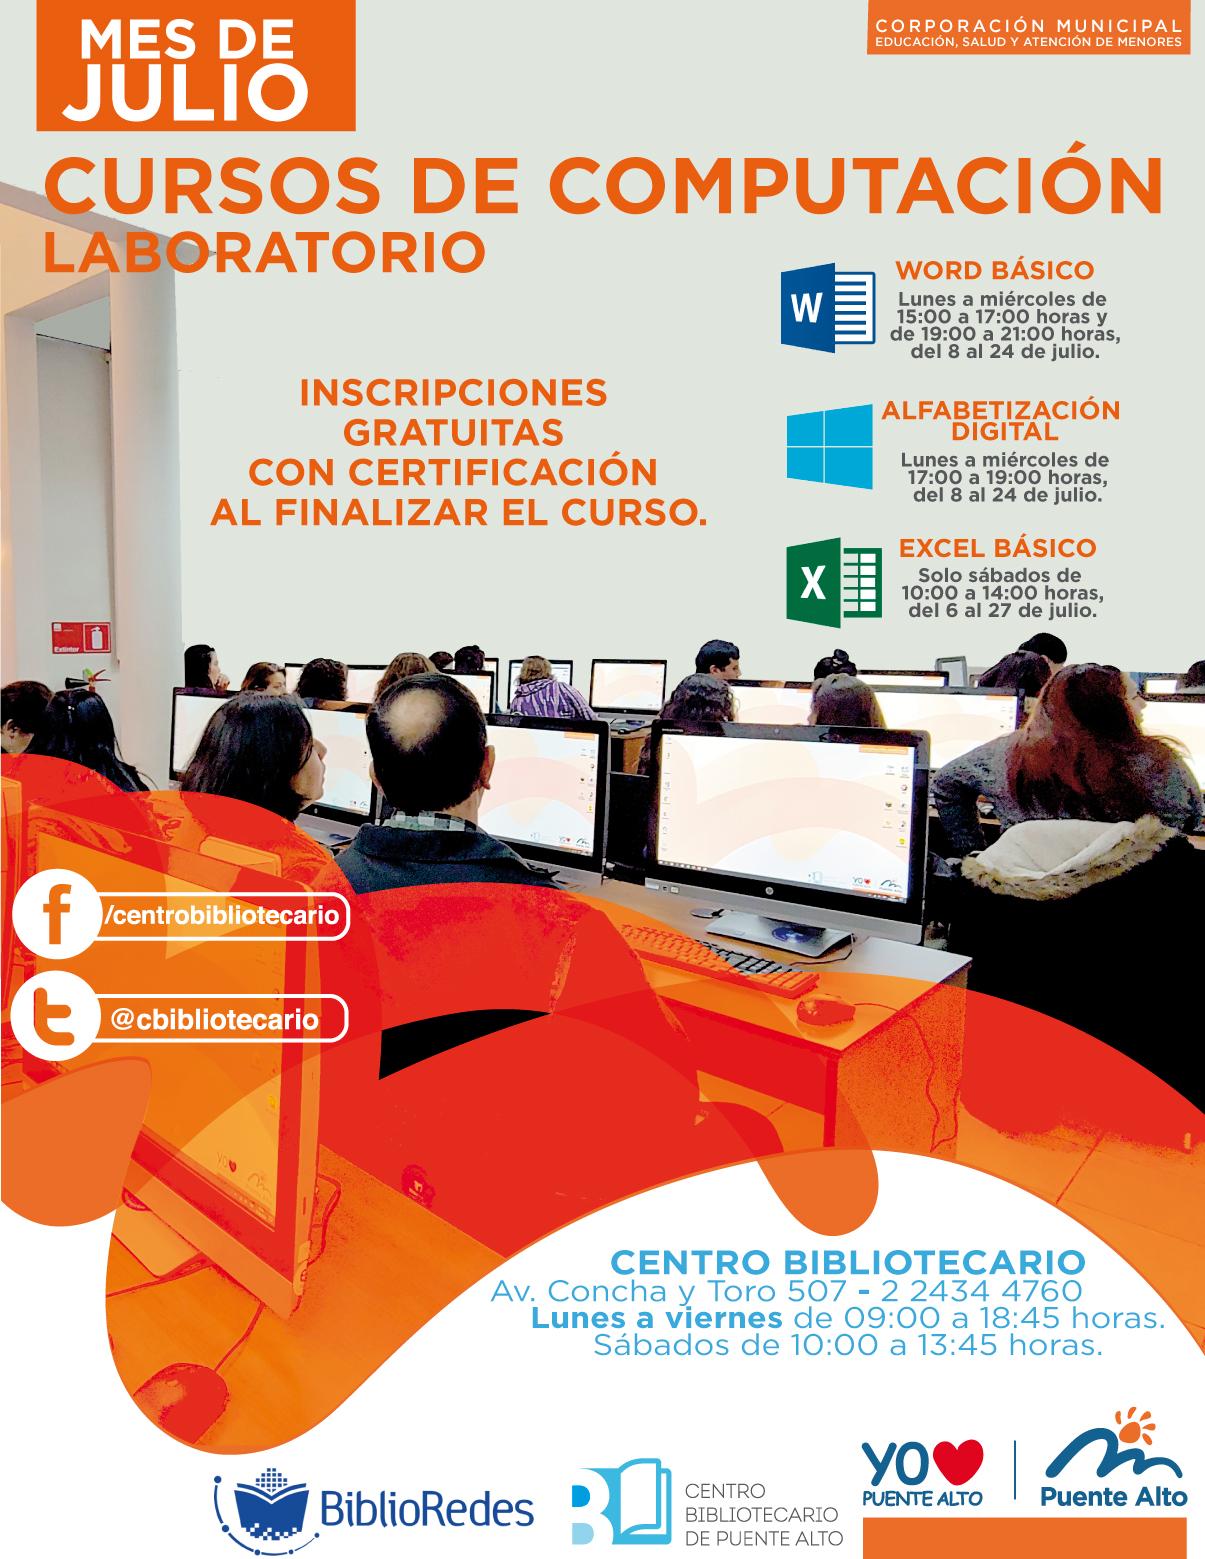 Cursos de Computación Laboratorio Julio | Biblioteca Central